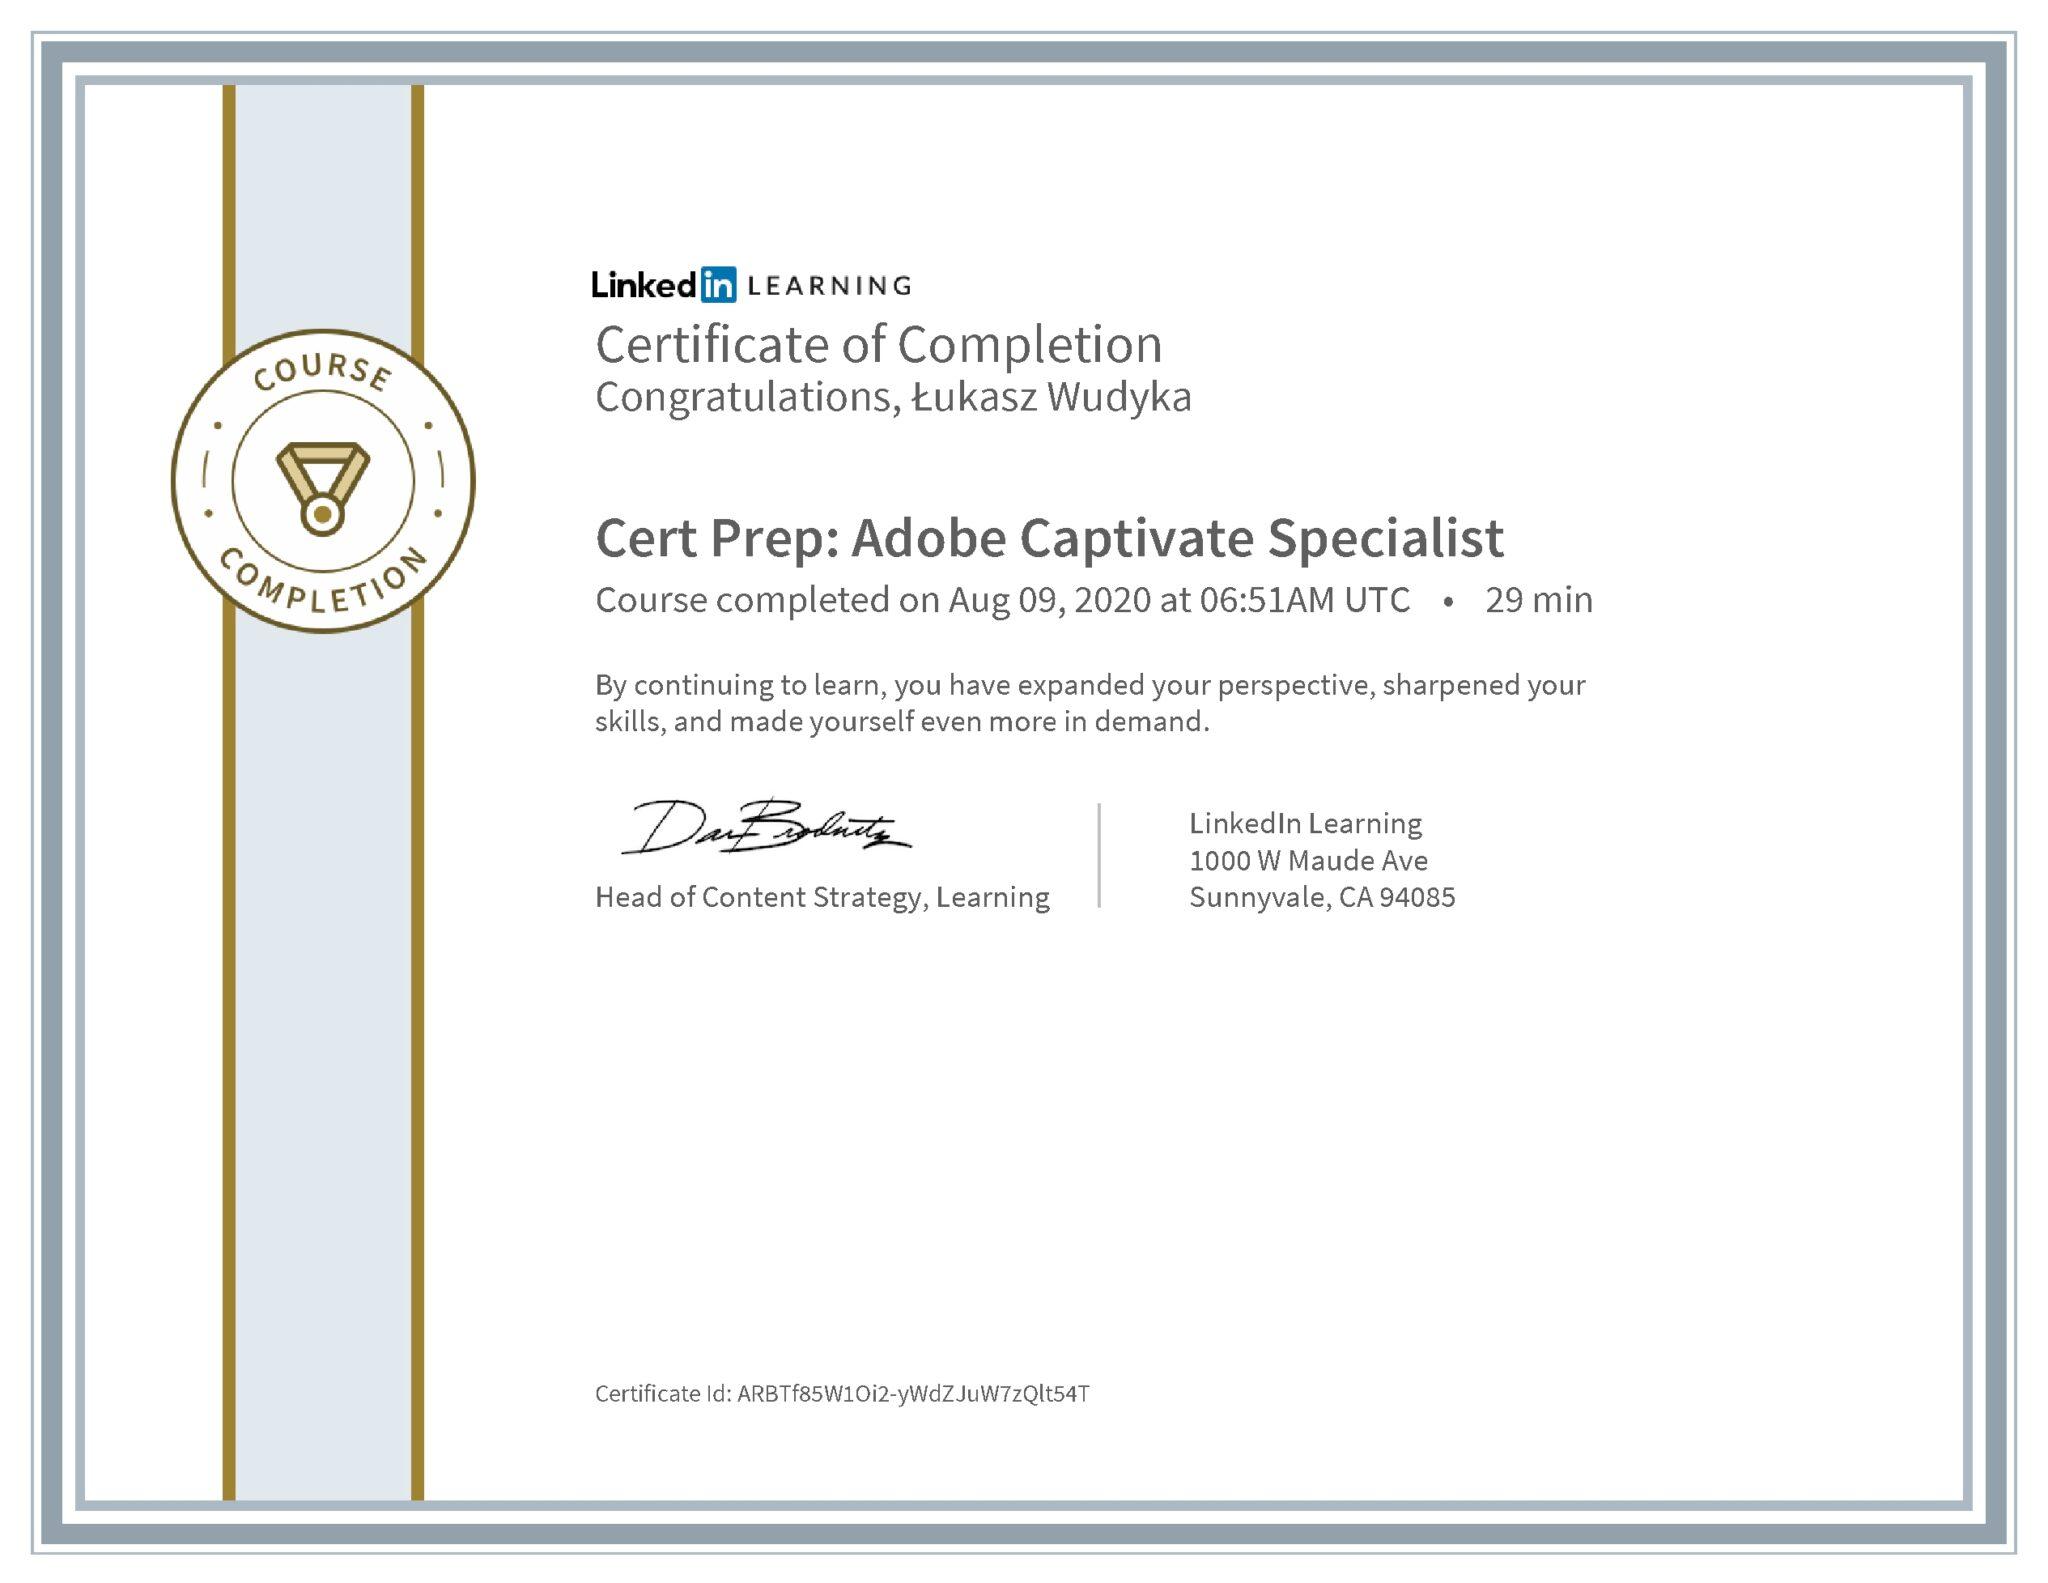 Łukasz Wudyka certyfikat LinkedIn Cert Prep: Adobe Captivate Specialist